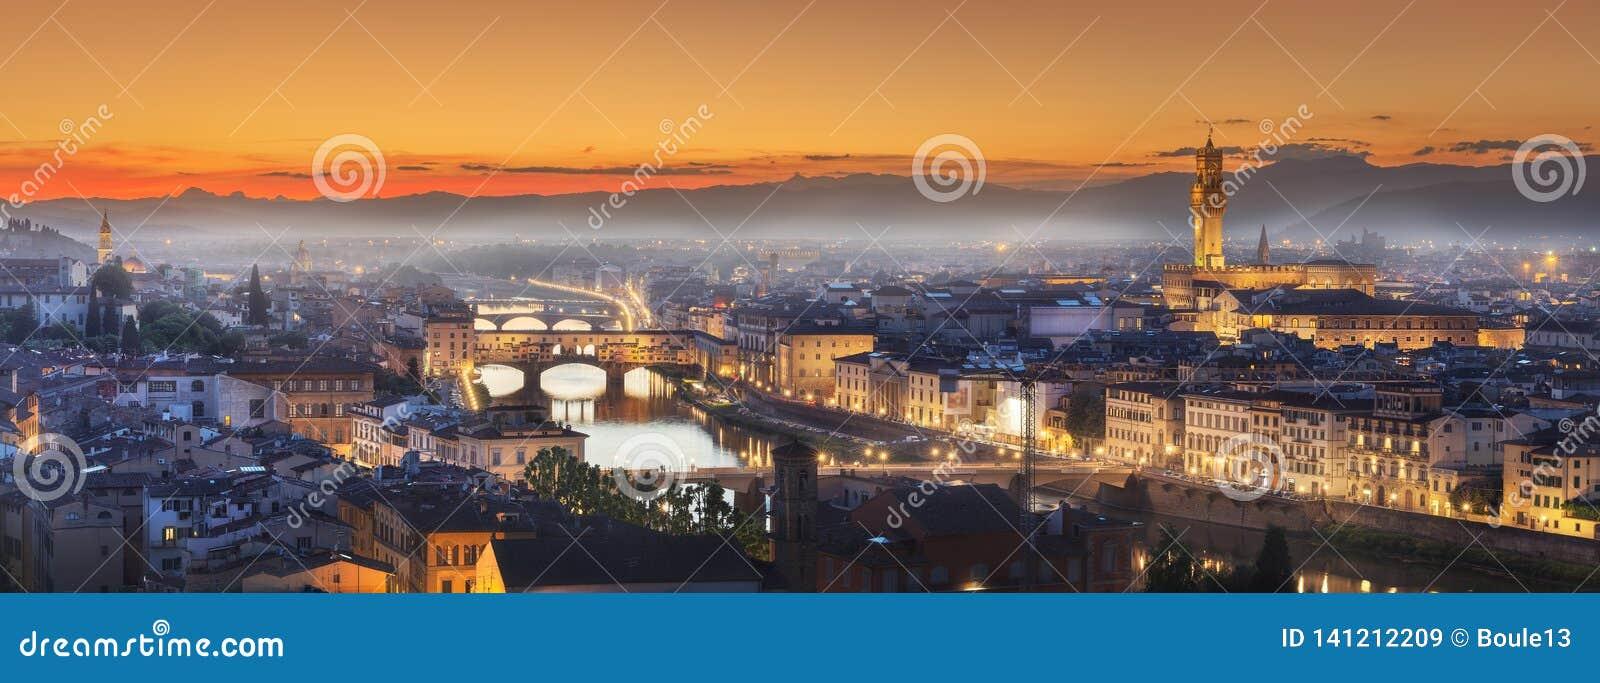 Arno River y puentes en la puesta del sol Florencia, Italia